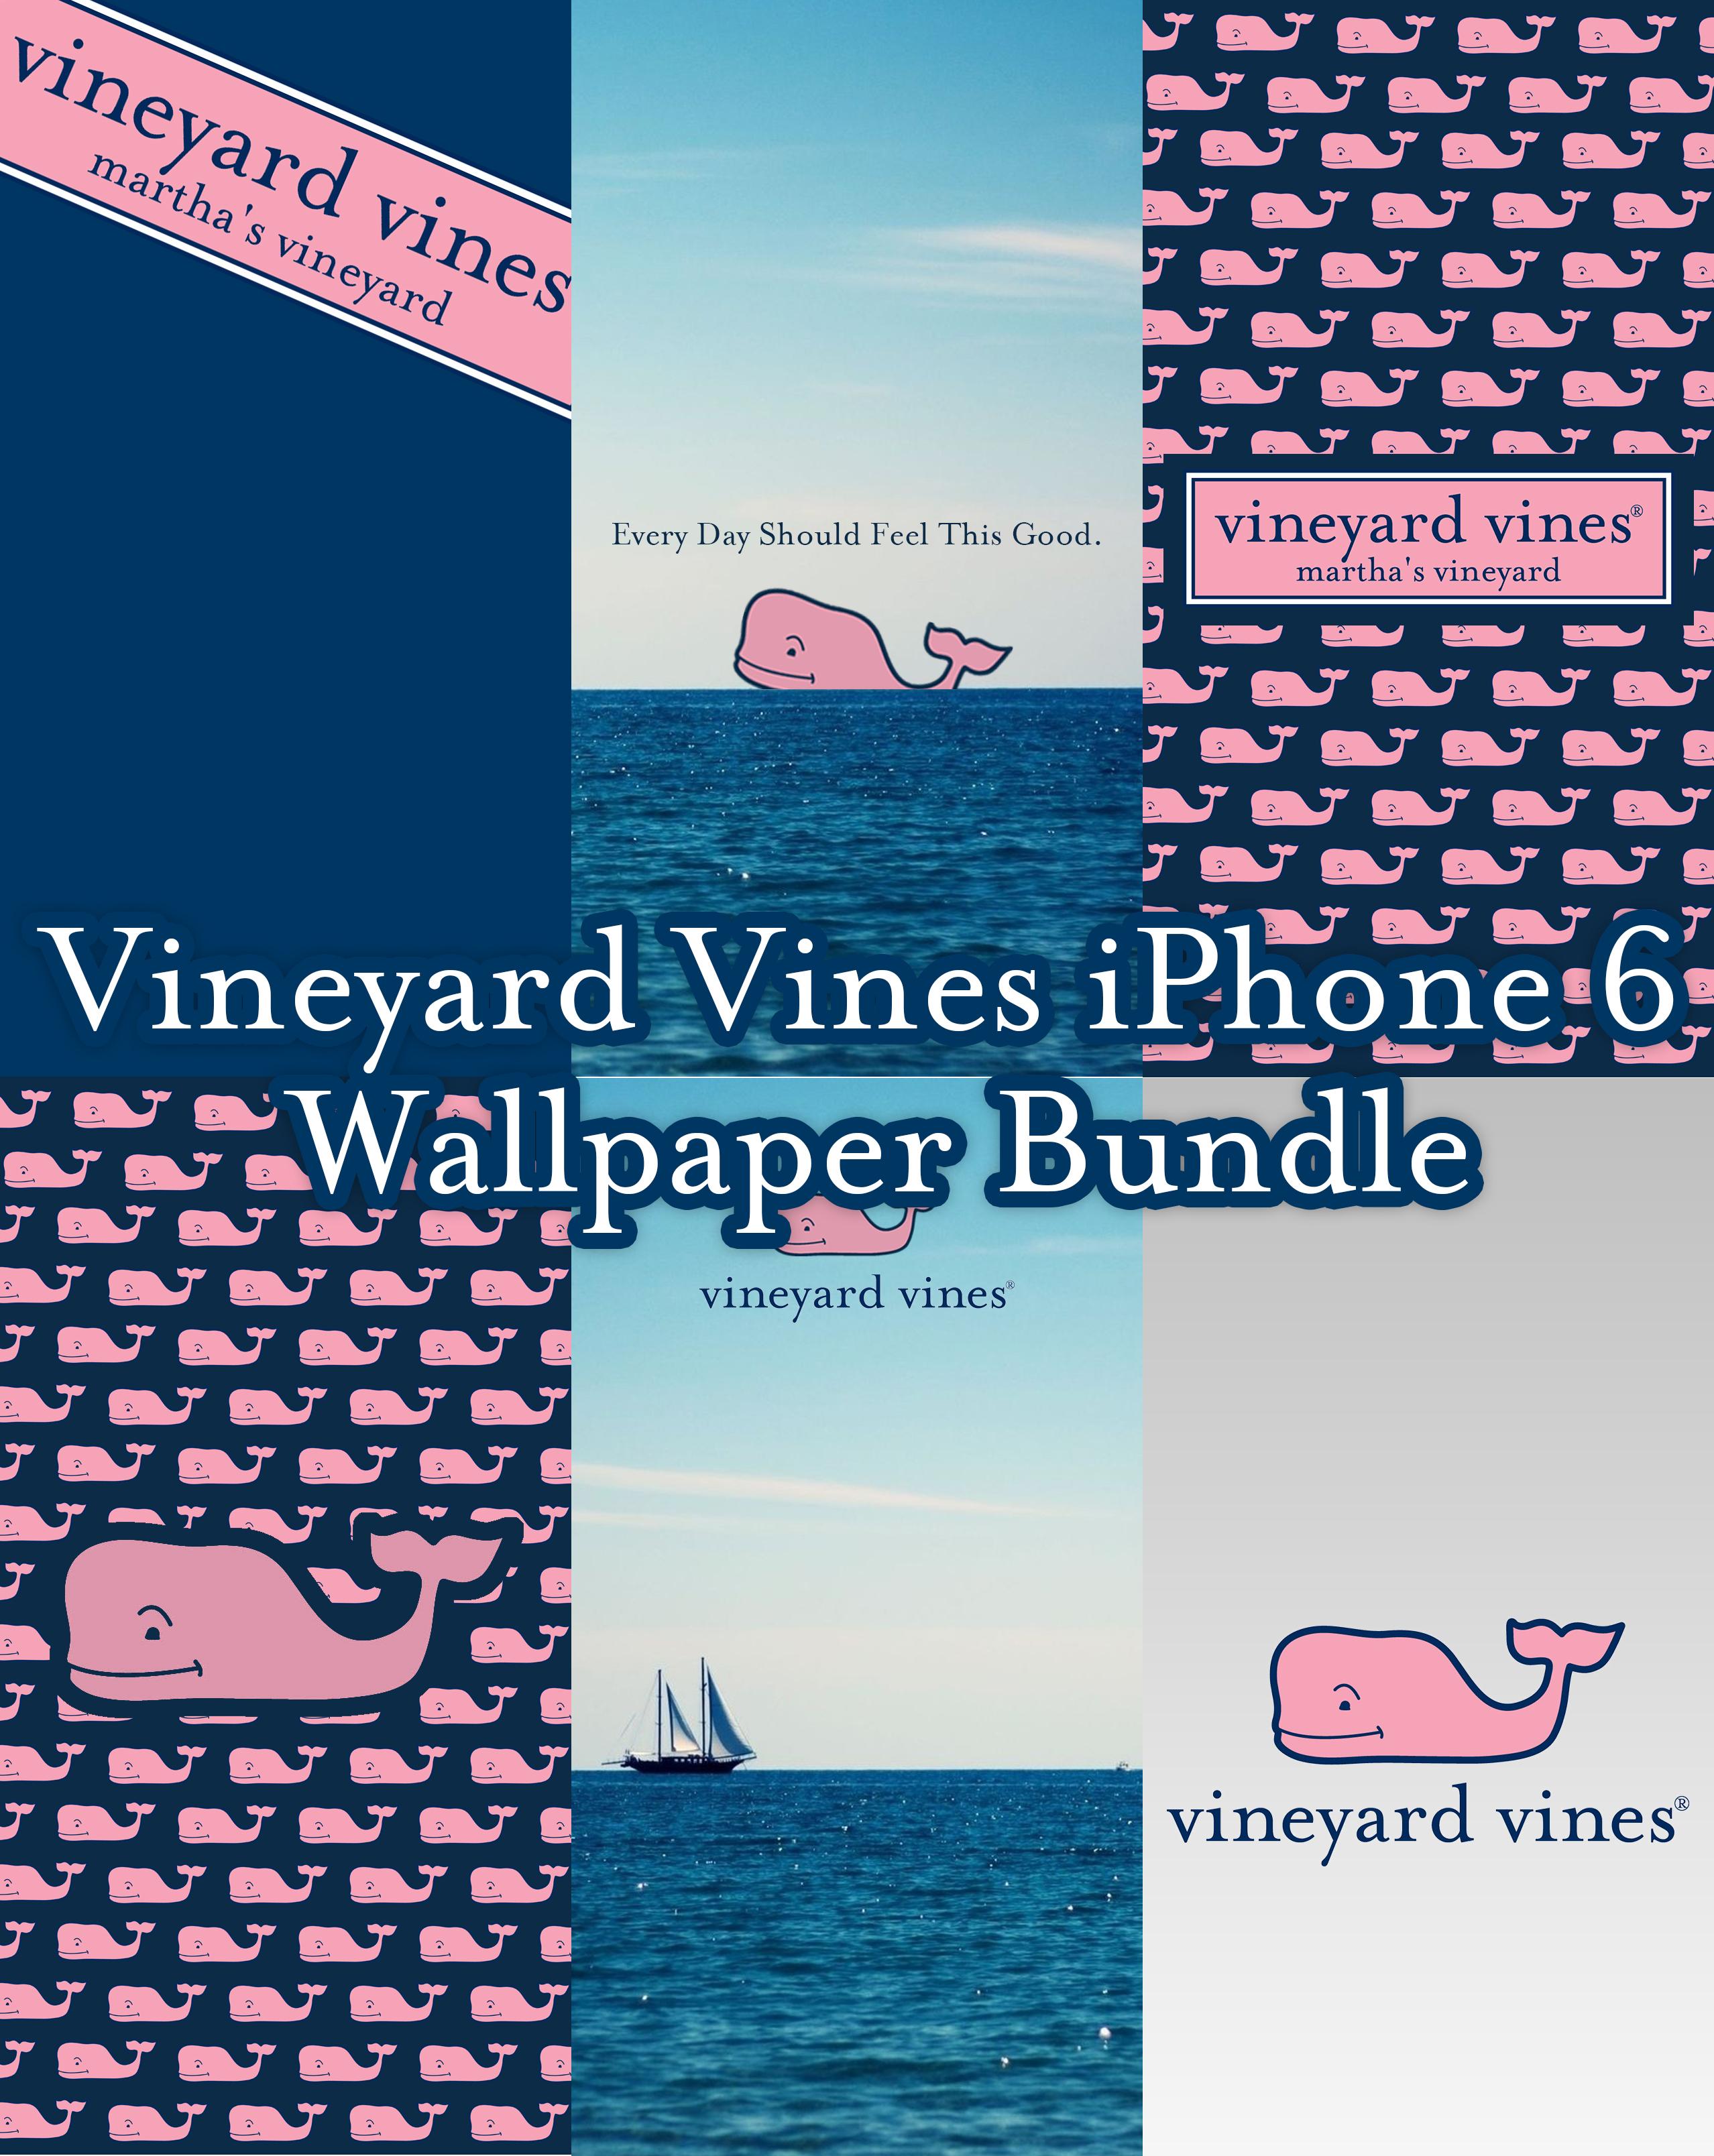 Vineyard Vines iPhone 6 Wallpapers by ArtByKyle 2556x3216